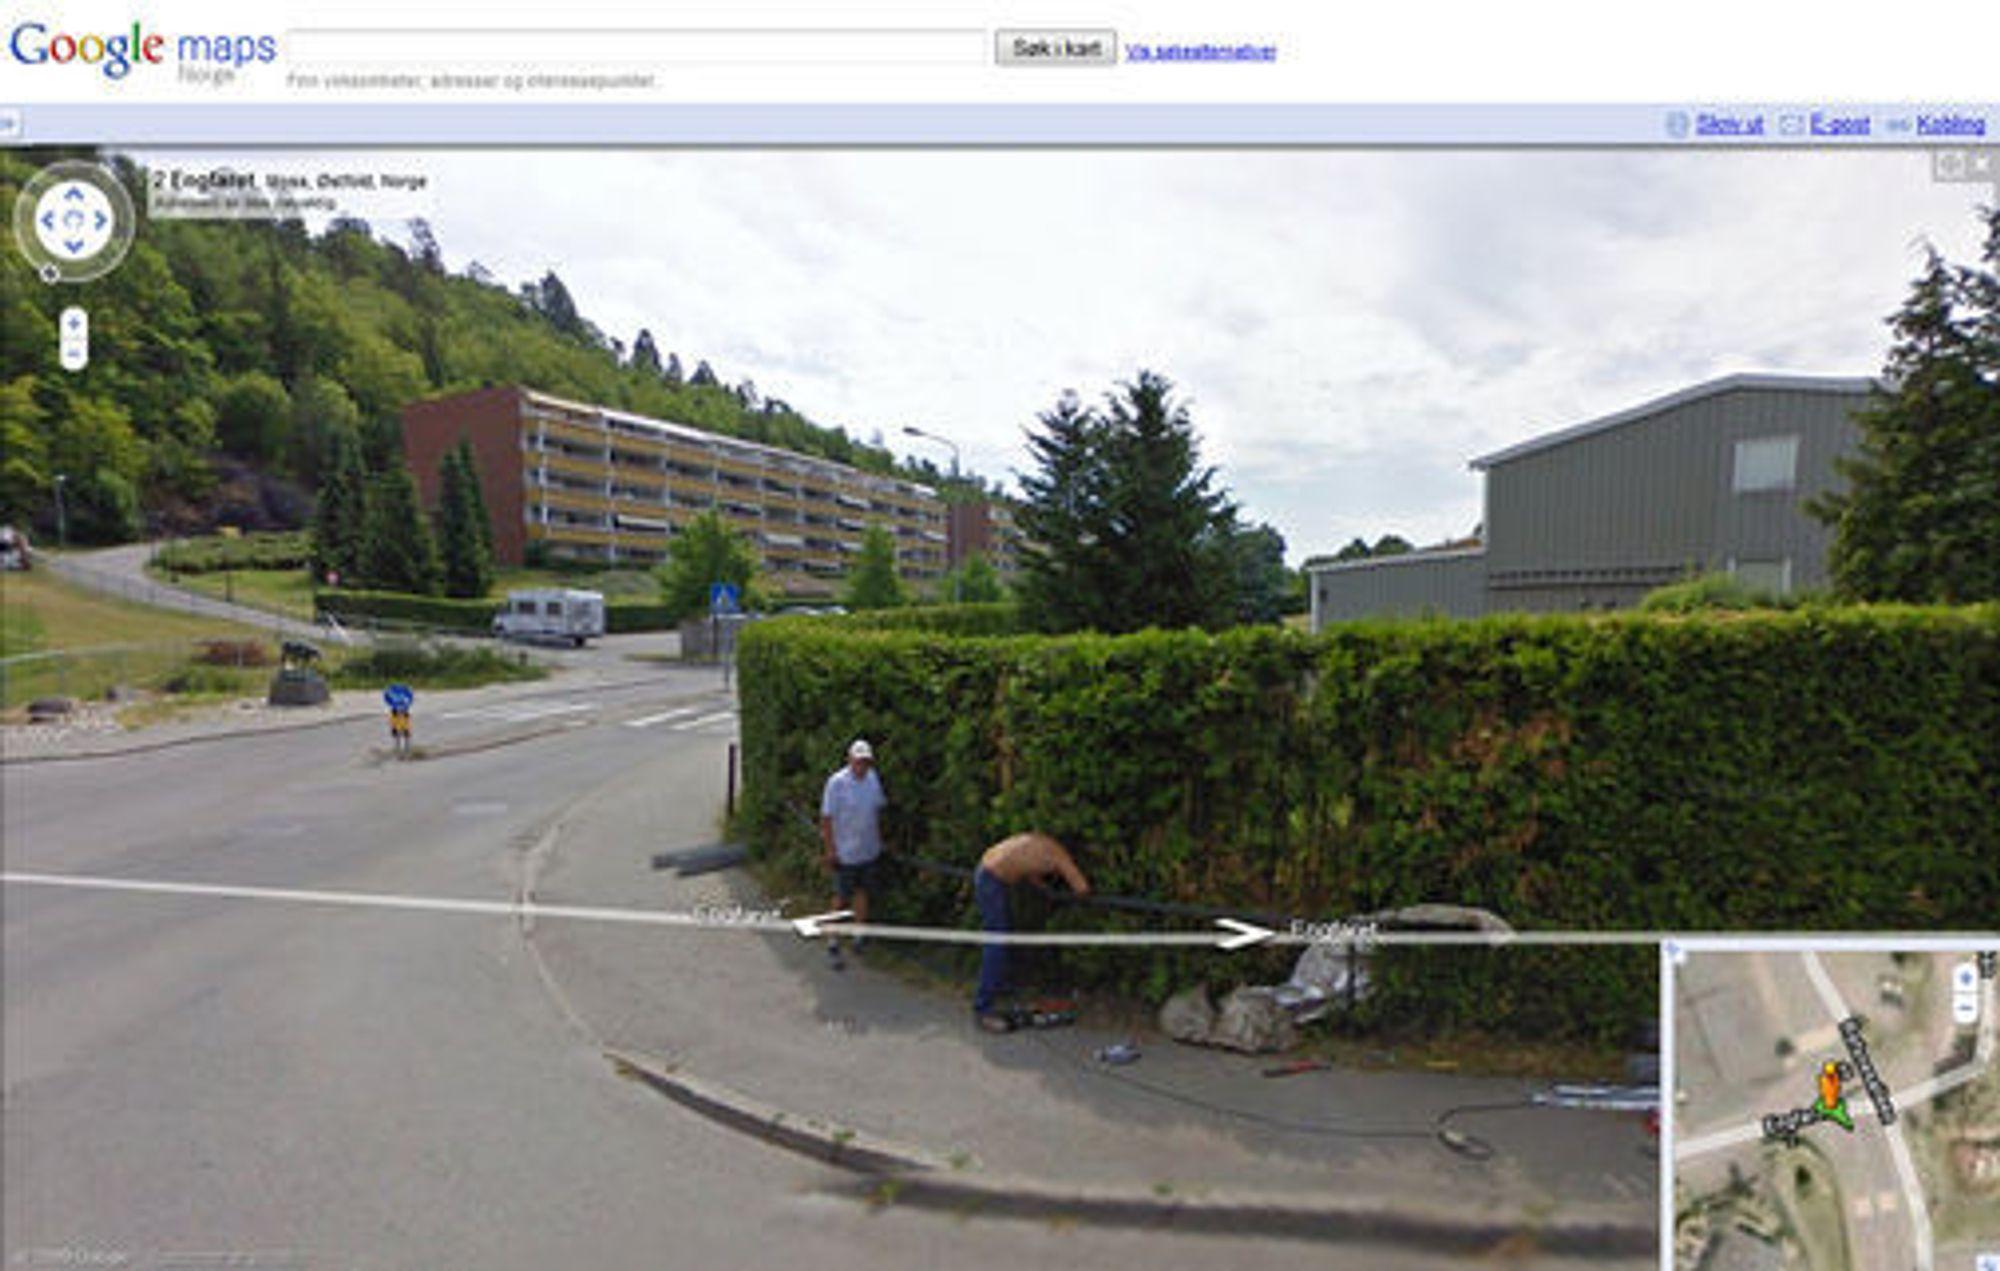 Google Street View uten sensur av ansikter.